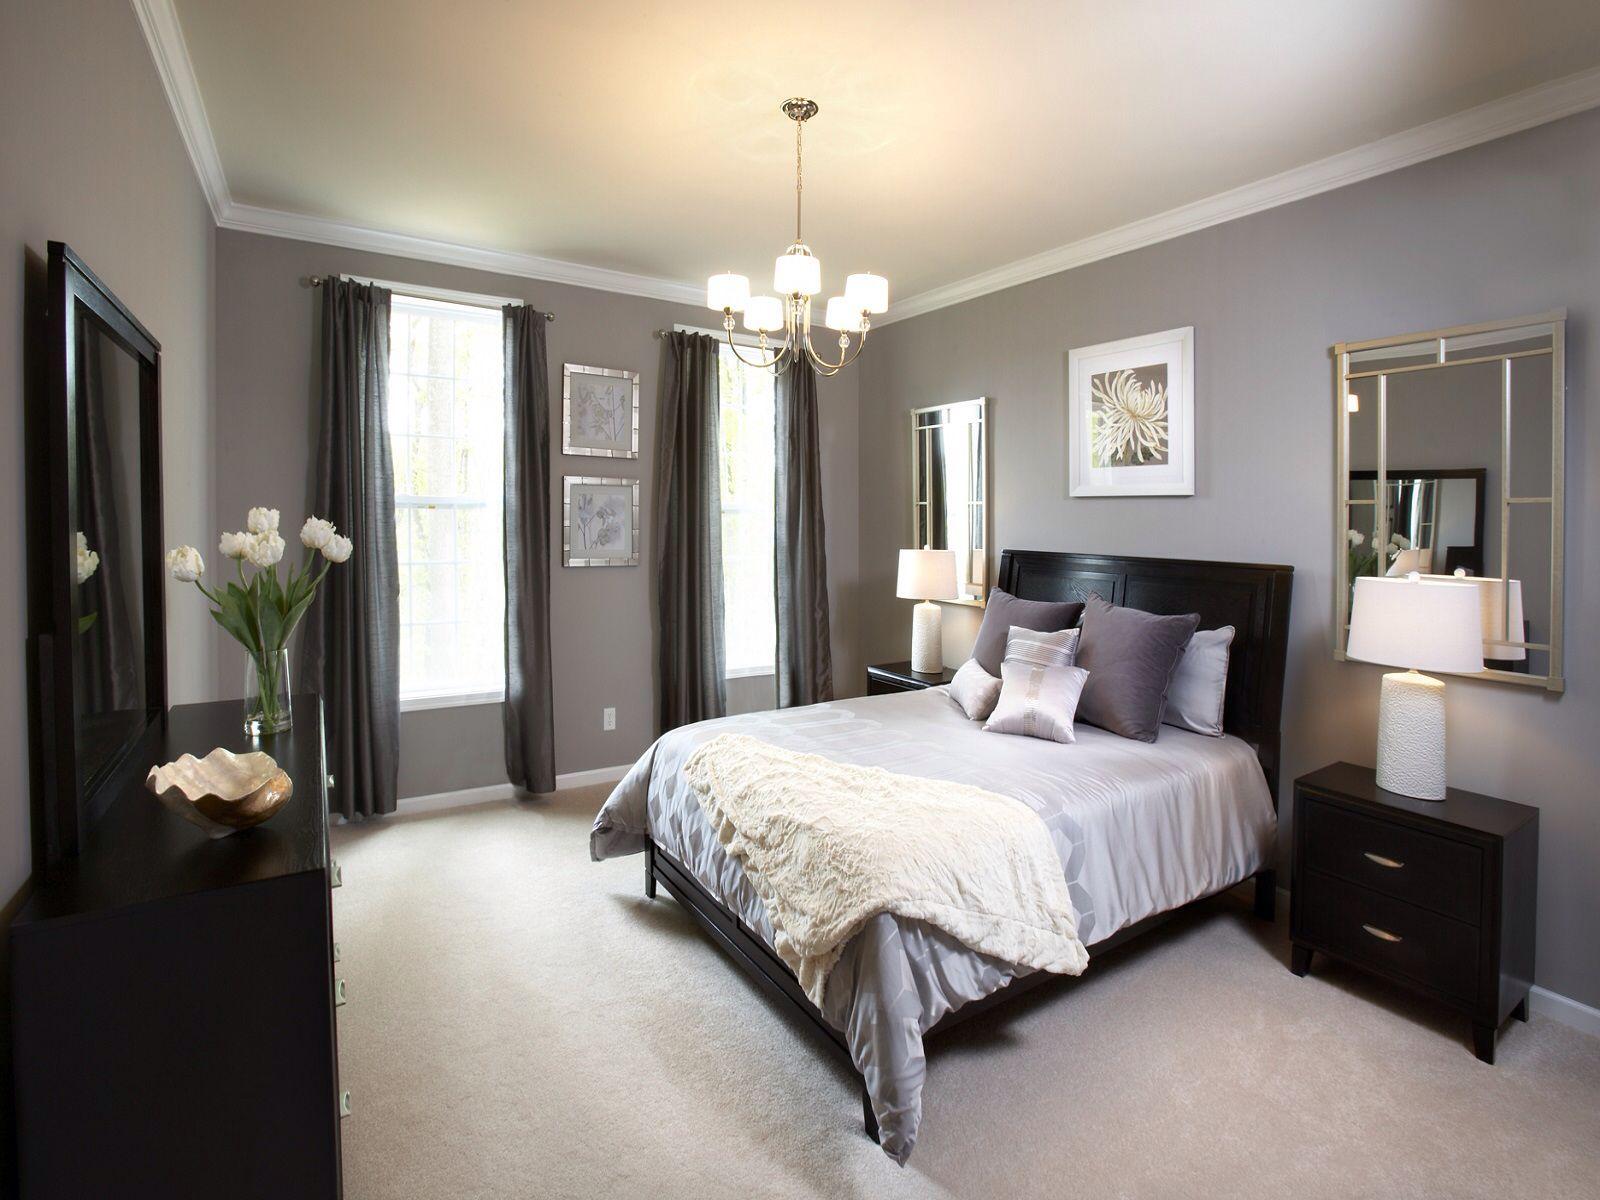 غرف النوم 2020 1